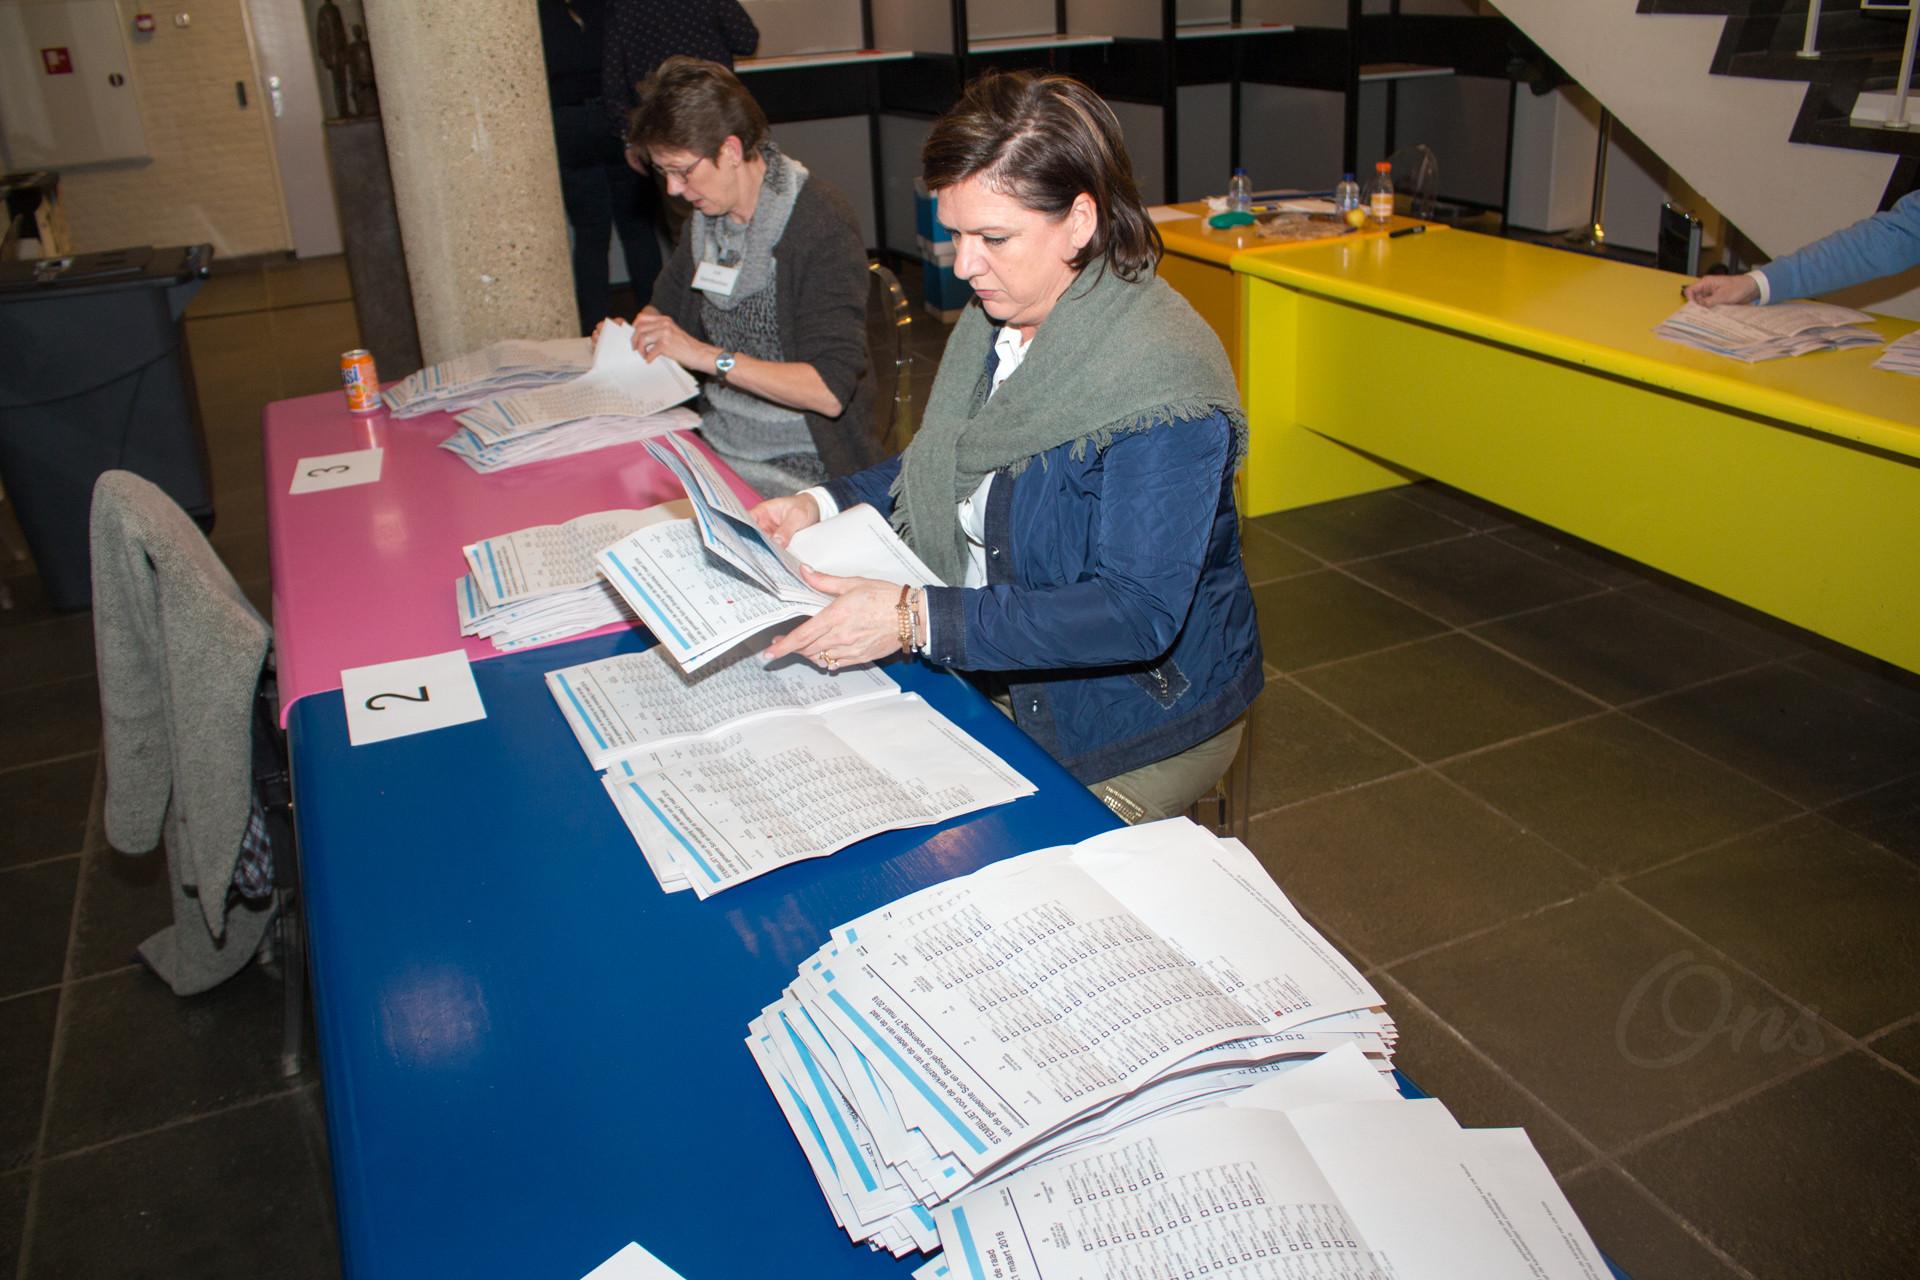 Telling stembureau gemeentehuis gemeenteraadsverkiezing